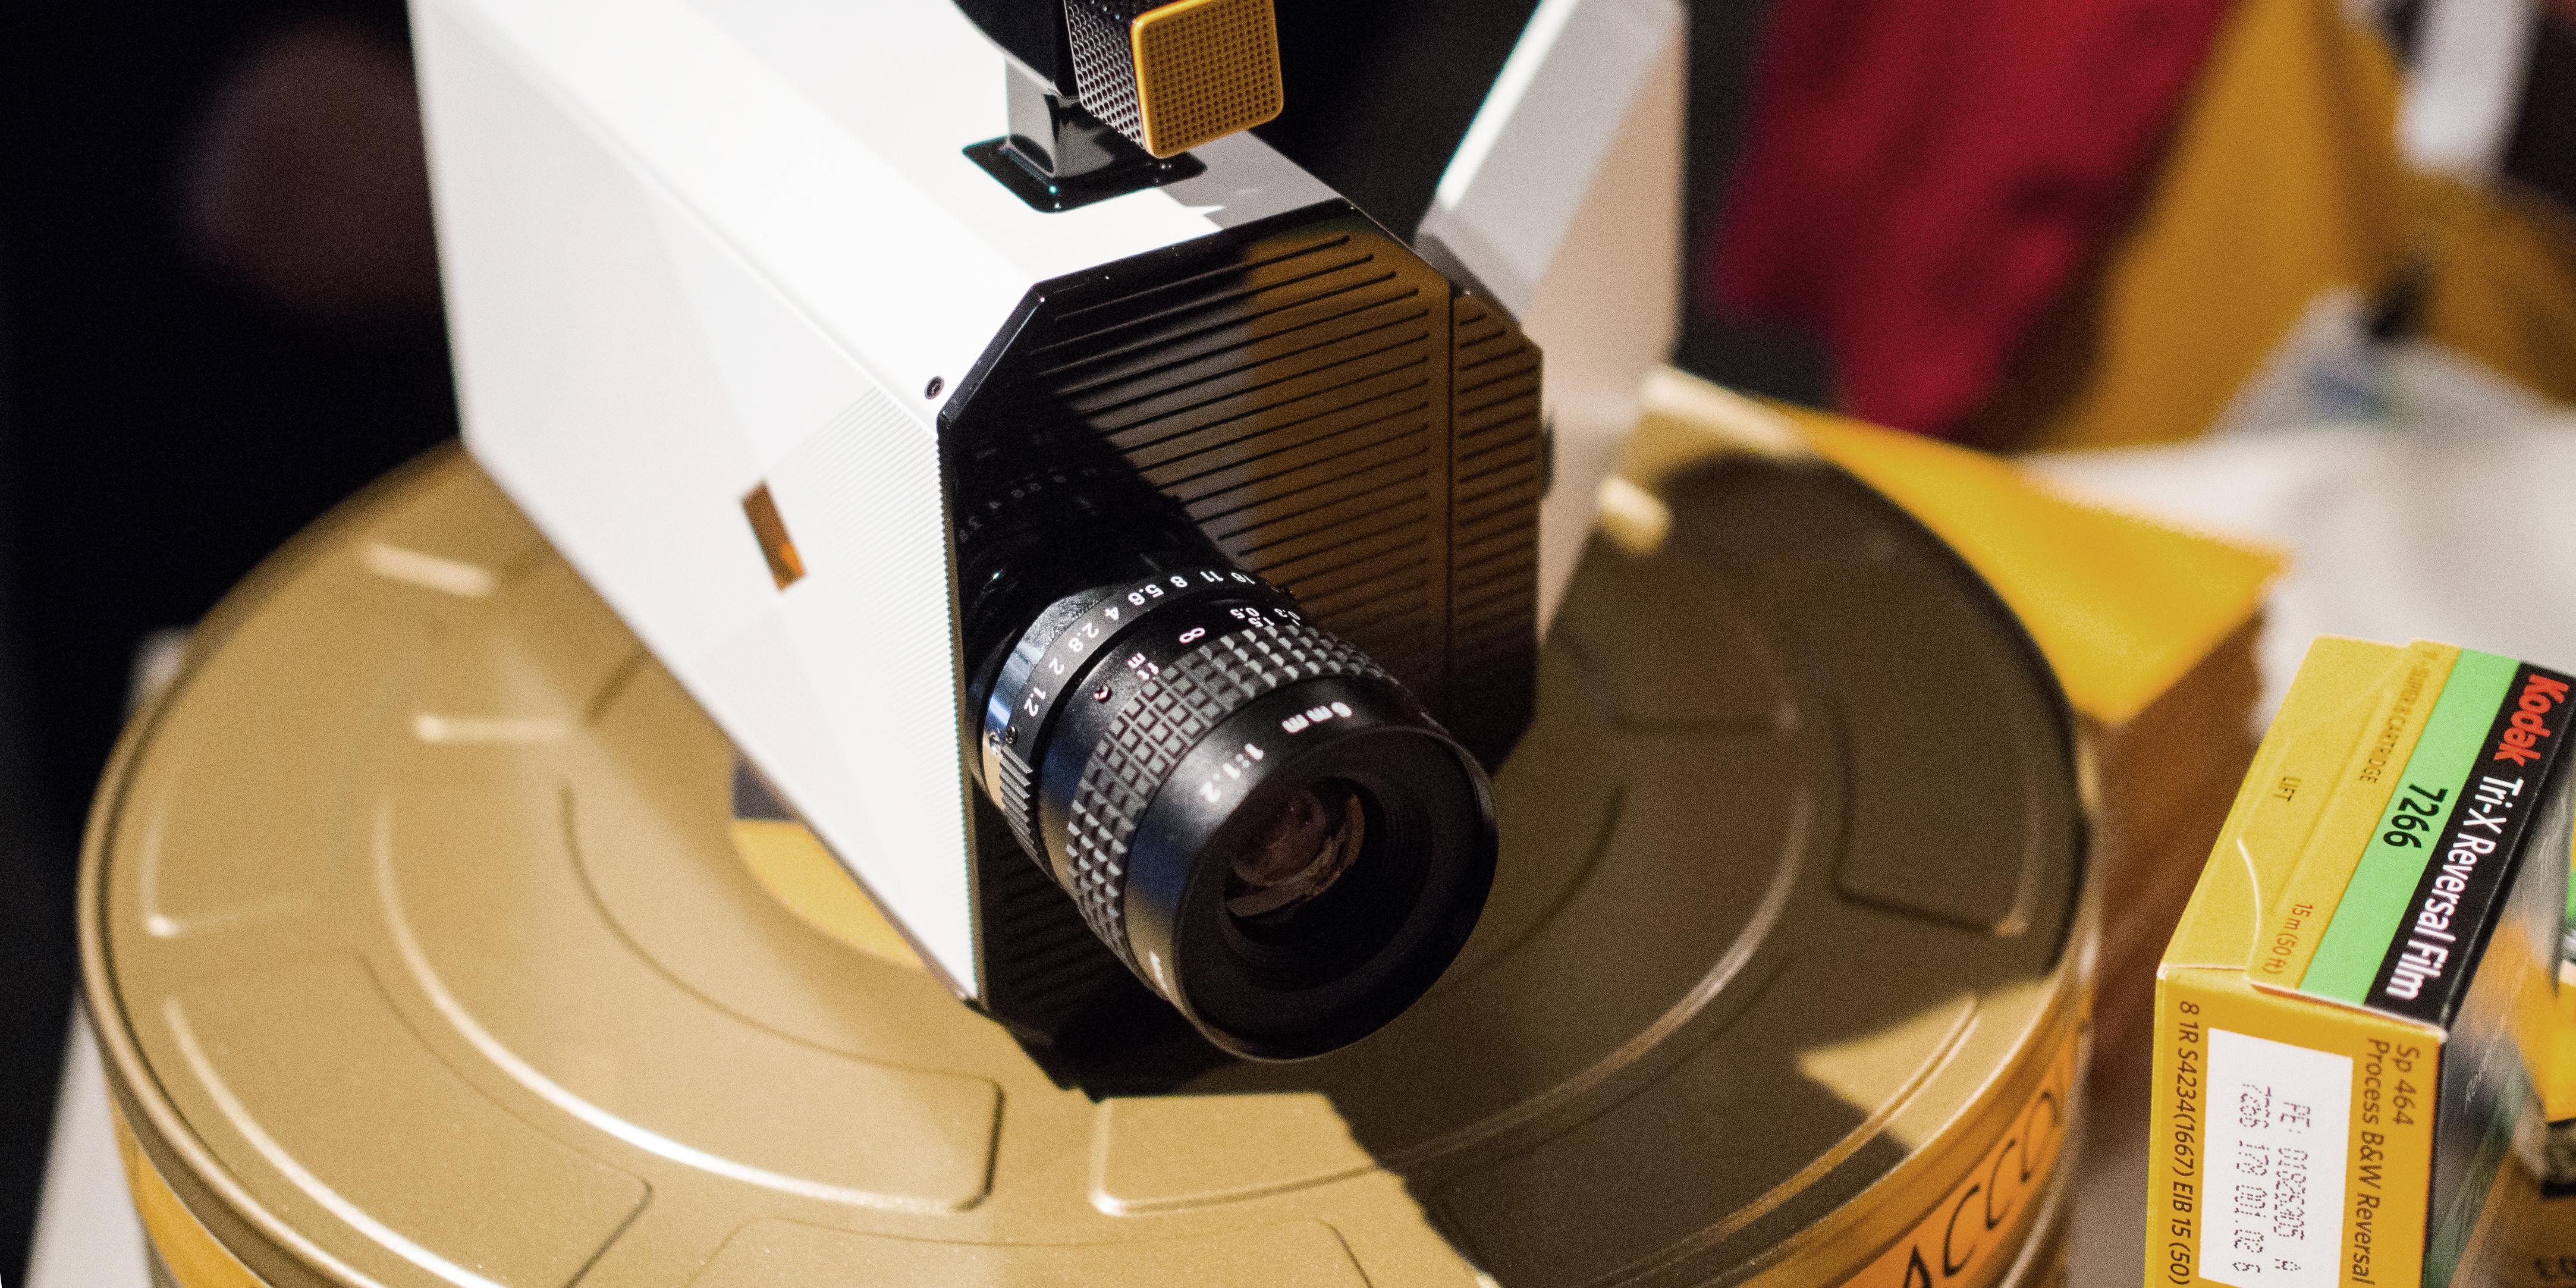 Мусультемахи посмотреть через камеру в хорошем качестве 720 фотоография